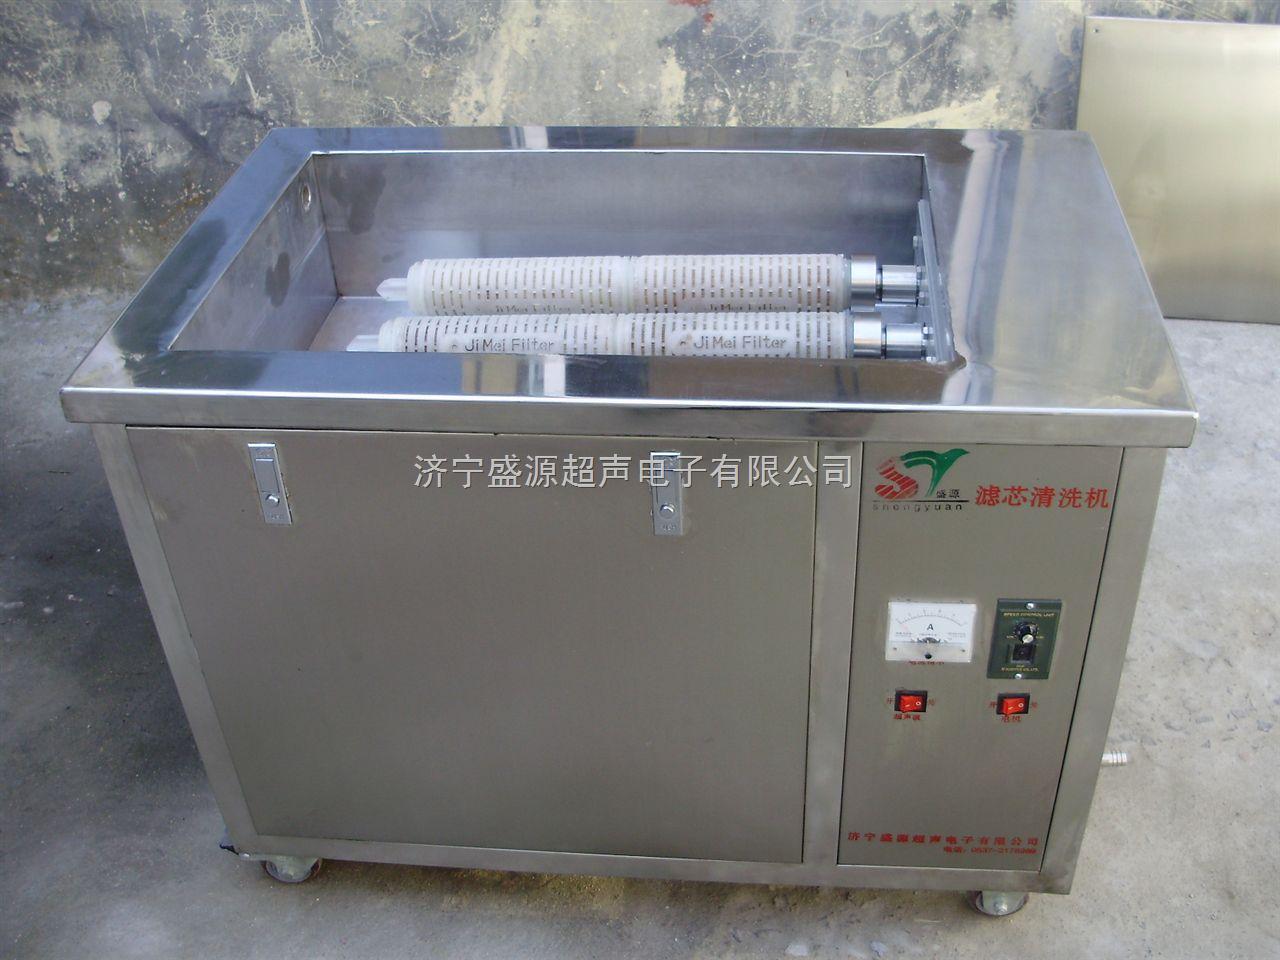 供应超声波滤芯清洗机